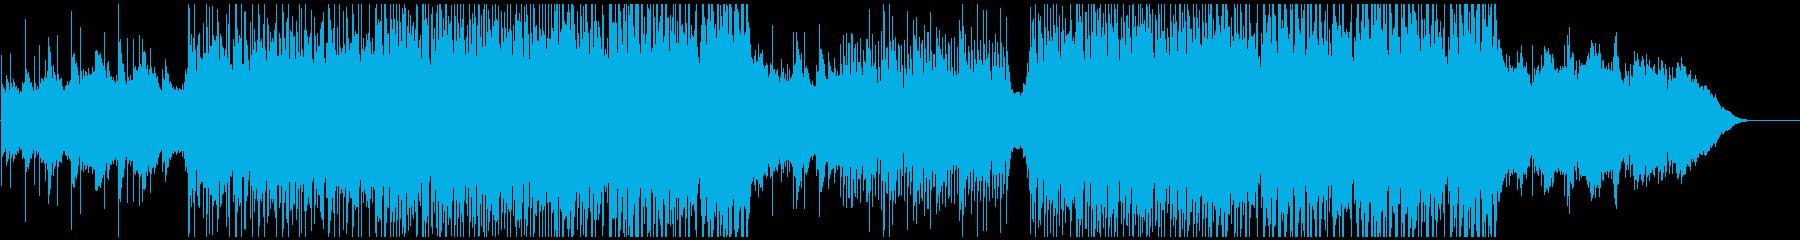 オープニング映像に 爽やかギターとピアノの再生済みの波形